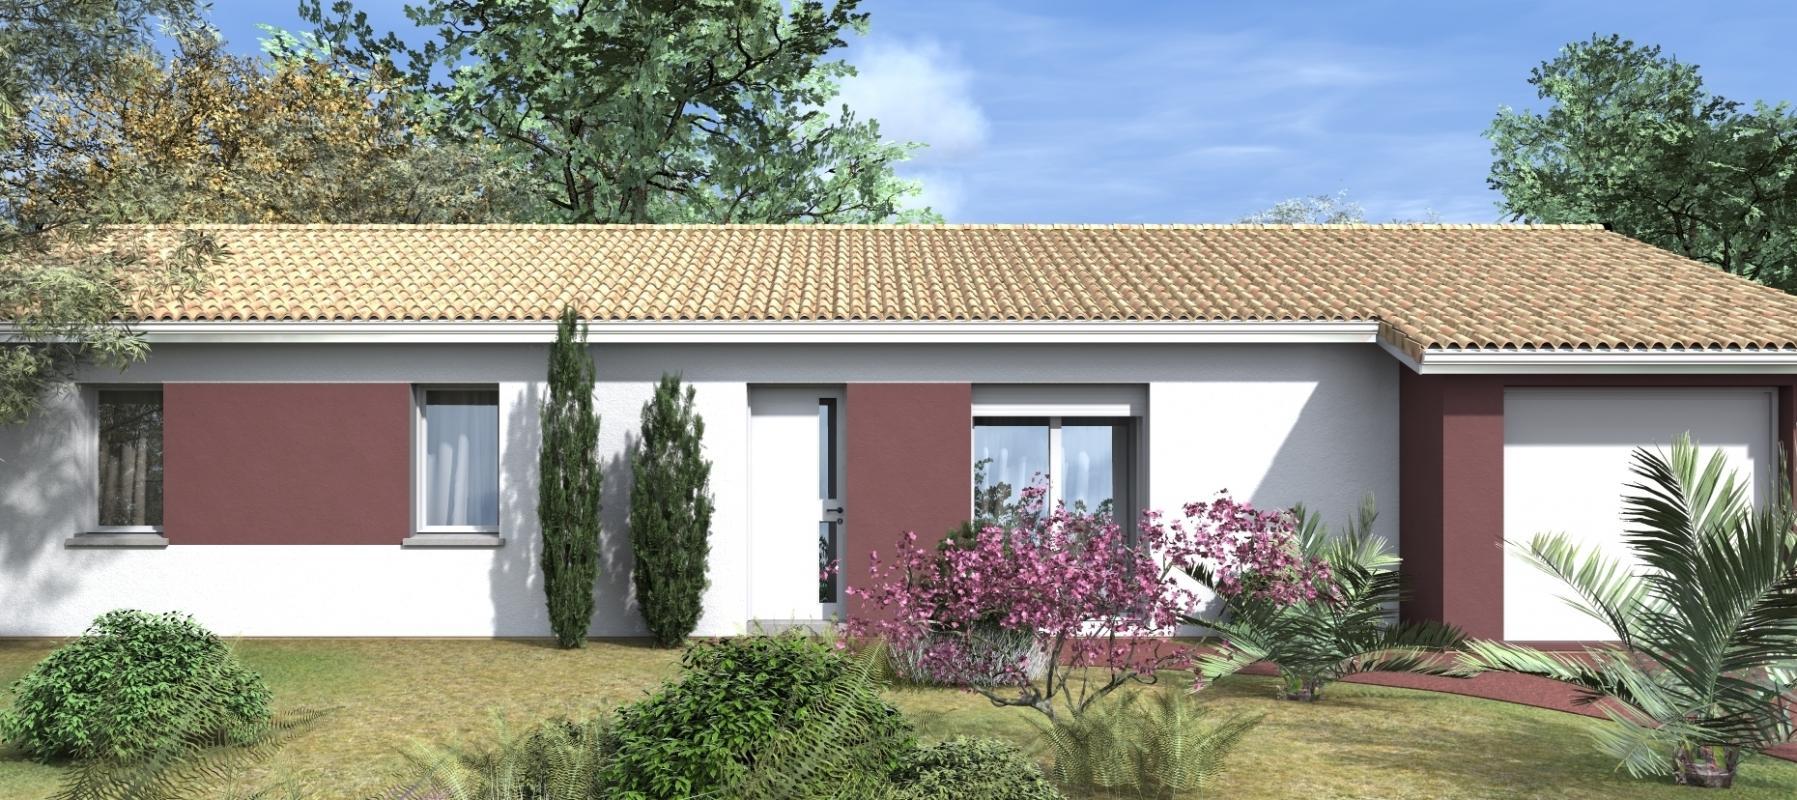 Maisons + Terrains du constructeur GIB CONSTRUCTION • 95 m² • SAINT ANDRE DE CUBZAC